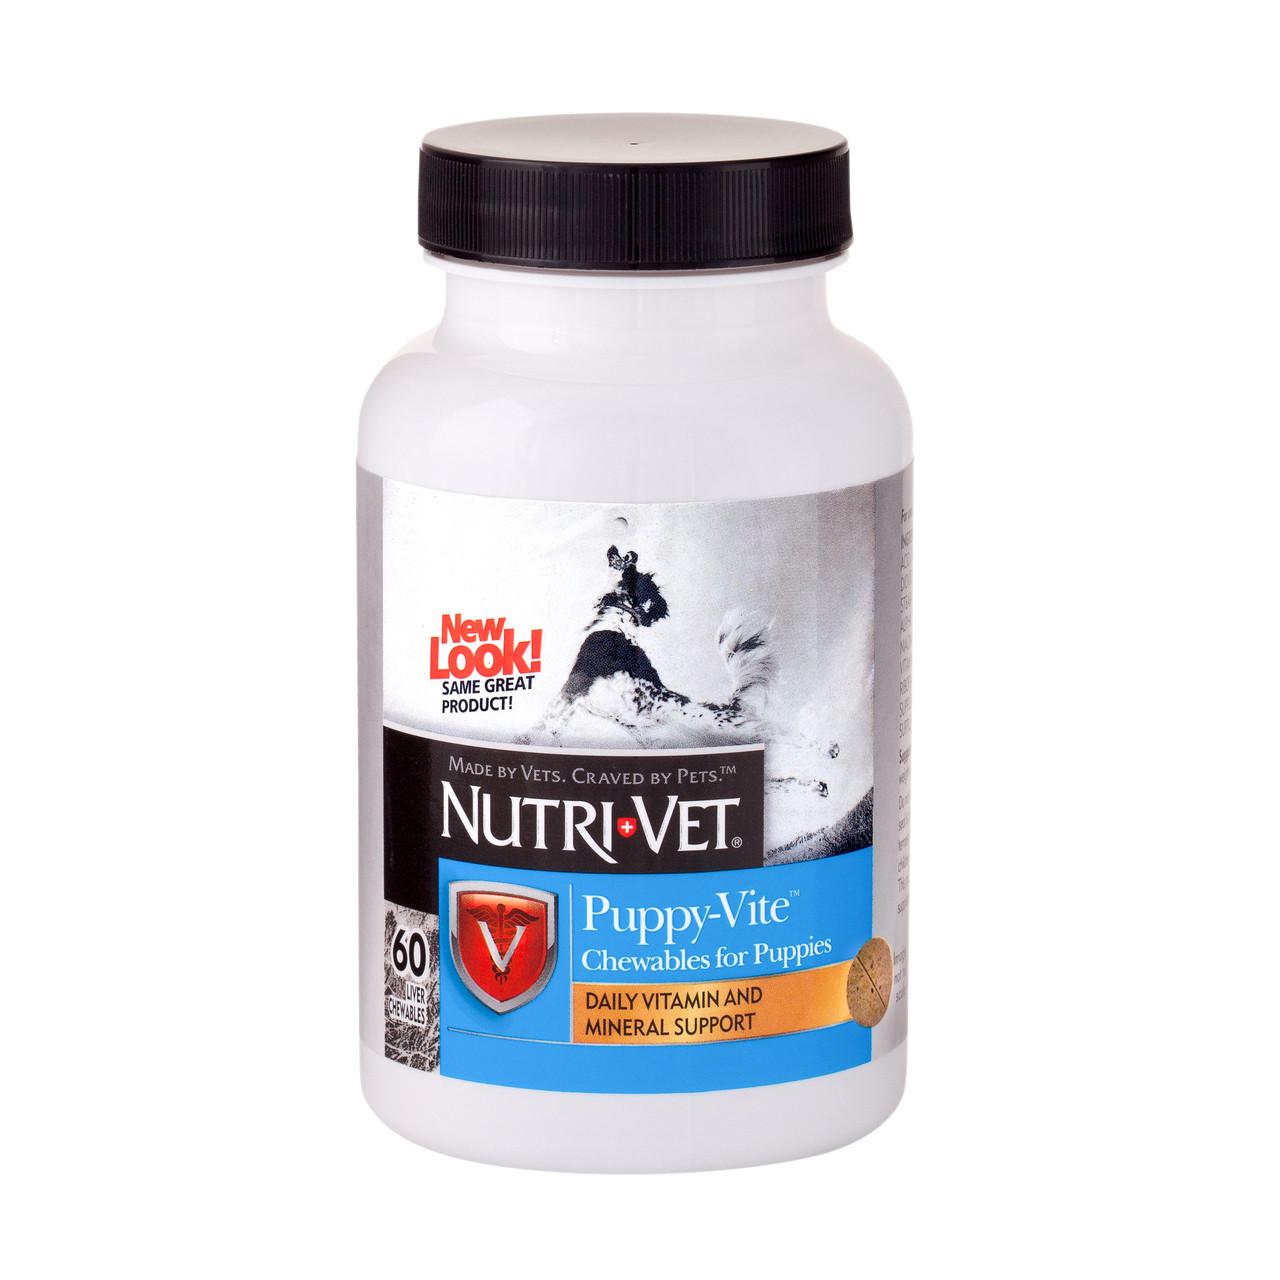 ПАППИ-ВИТ НУТРИ-ВЕТ PUPPY-VITE NUTRI-VET комплекс витаминов и минералов для щенков до 9 месяцев, 60 таблеток